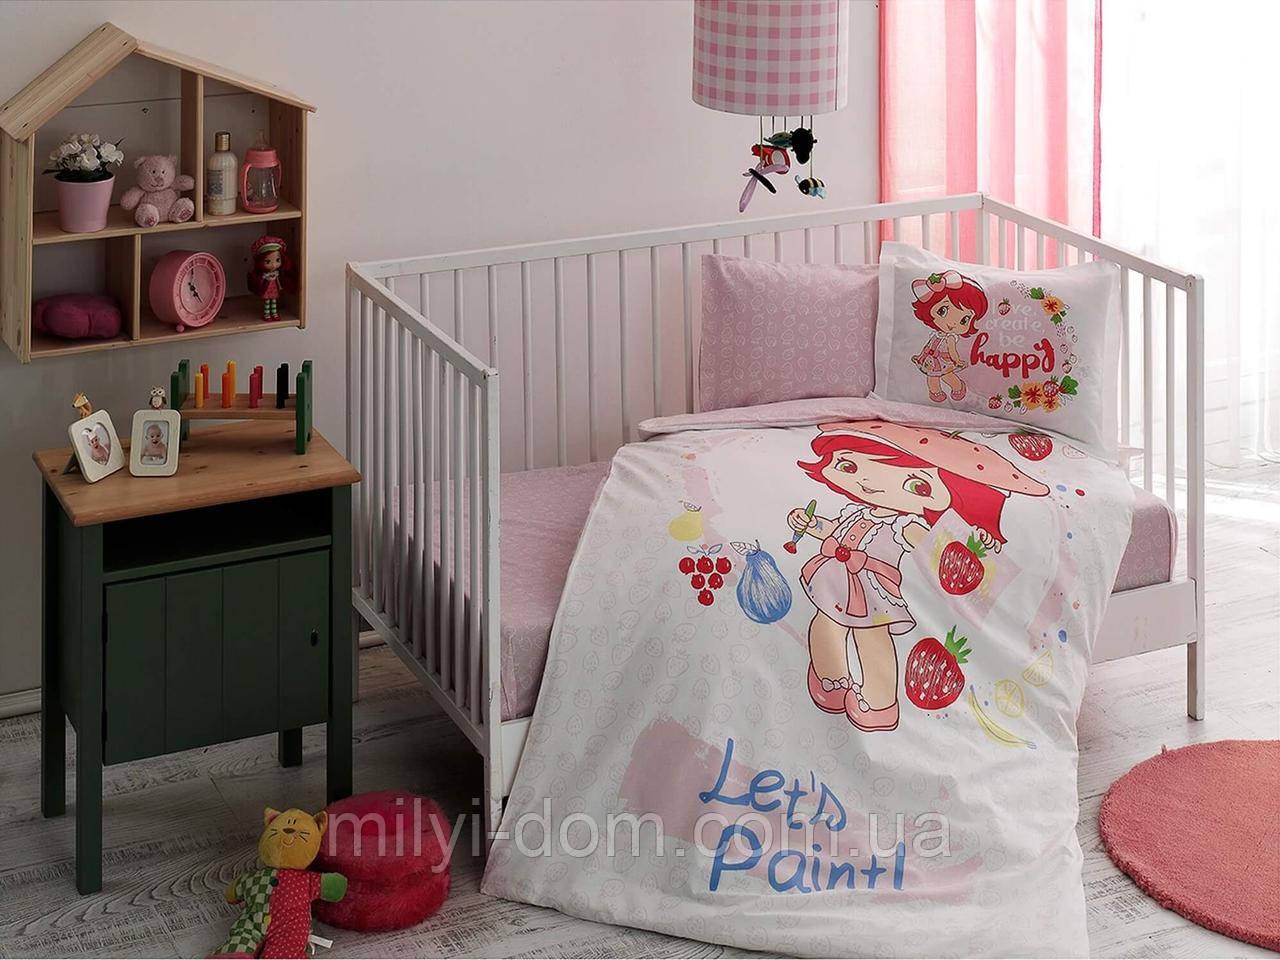 Постельное белье для новорожденных ТАС Strawberry Shortcake Paint  Baby